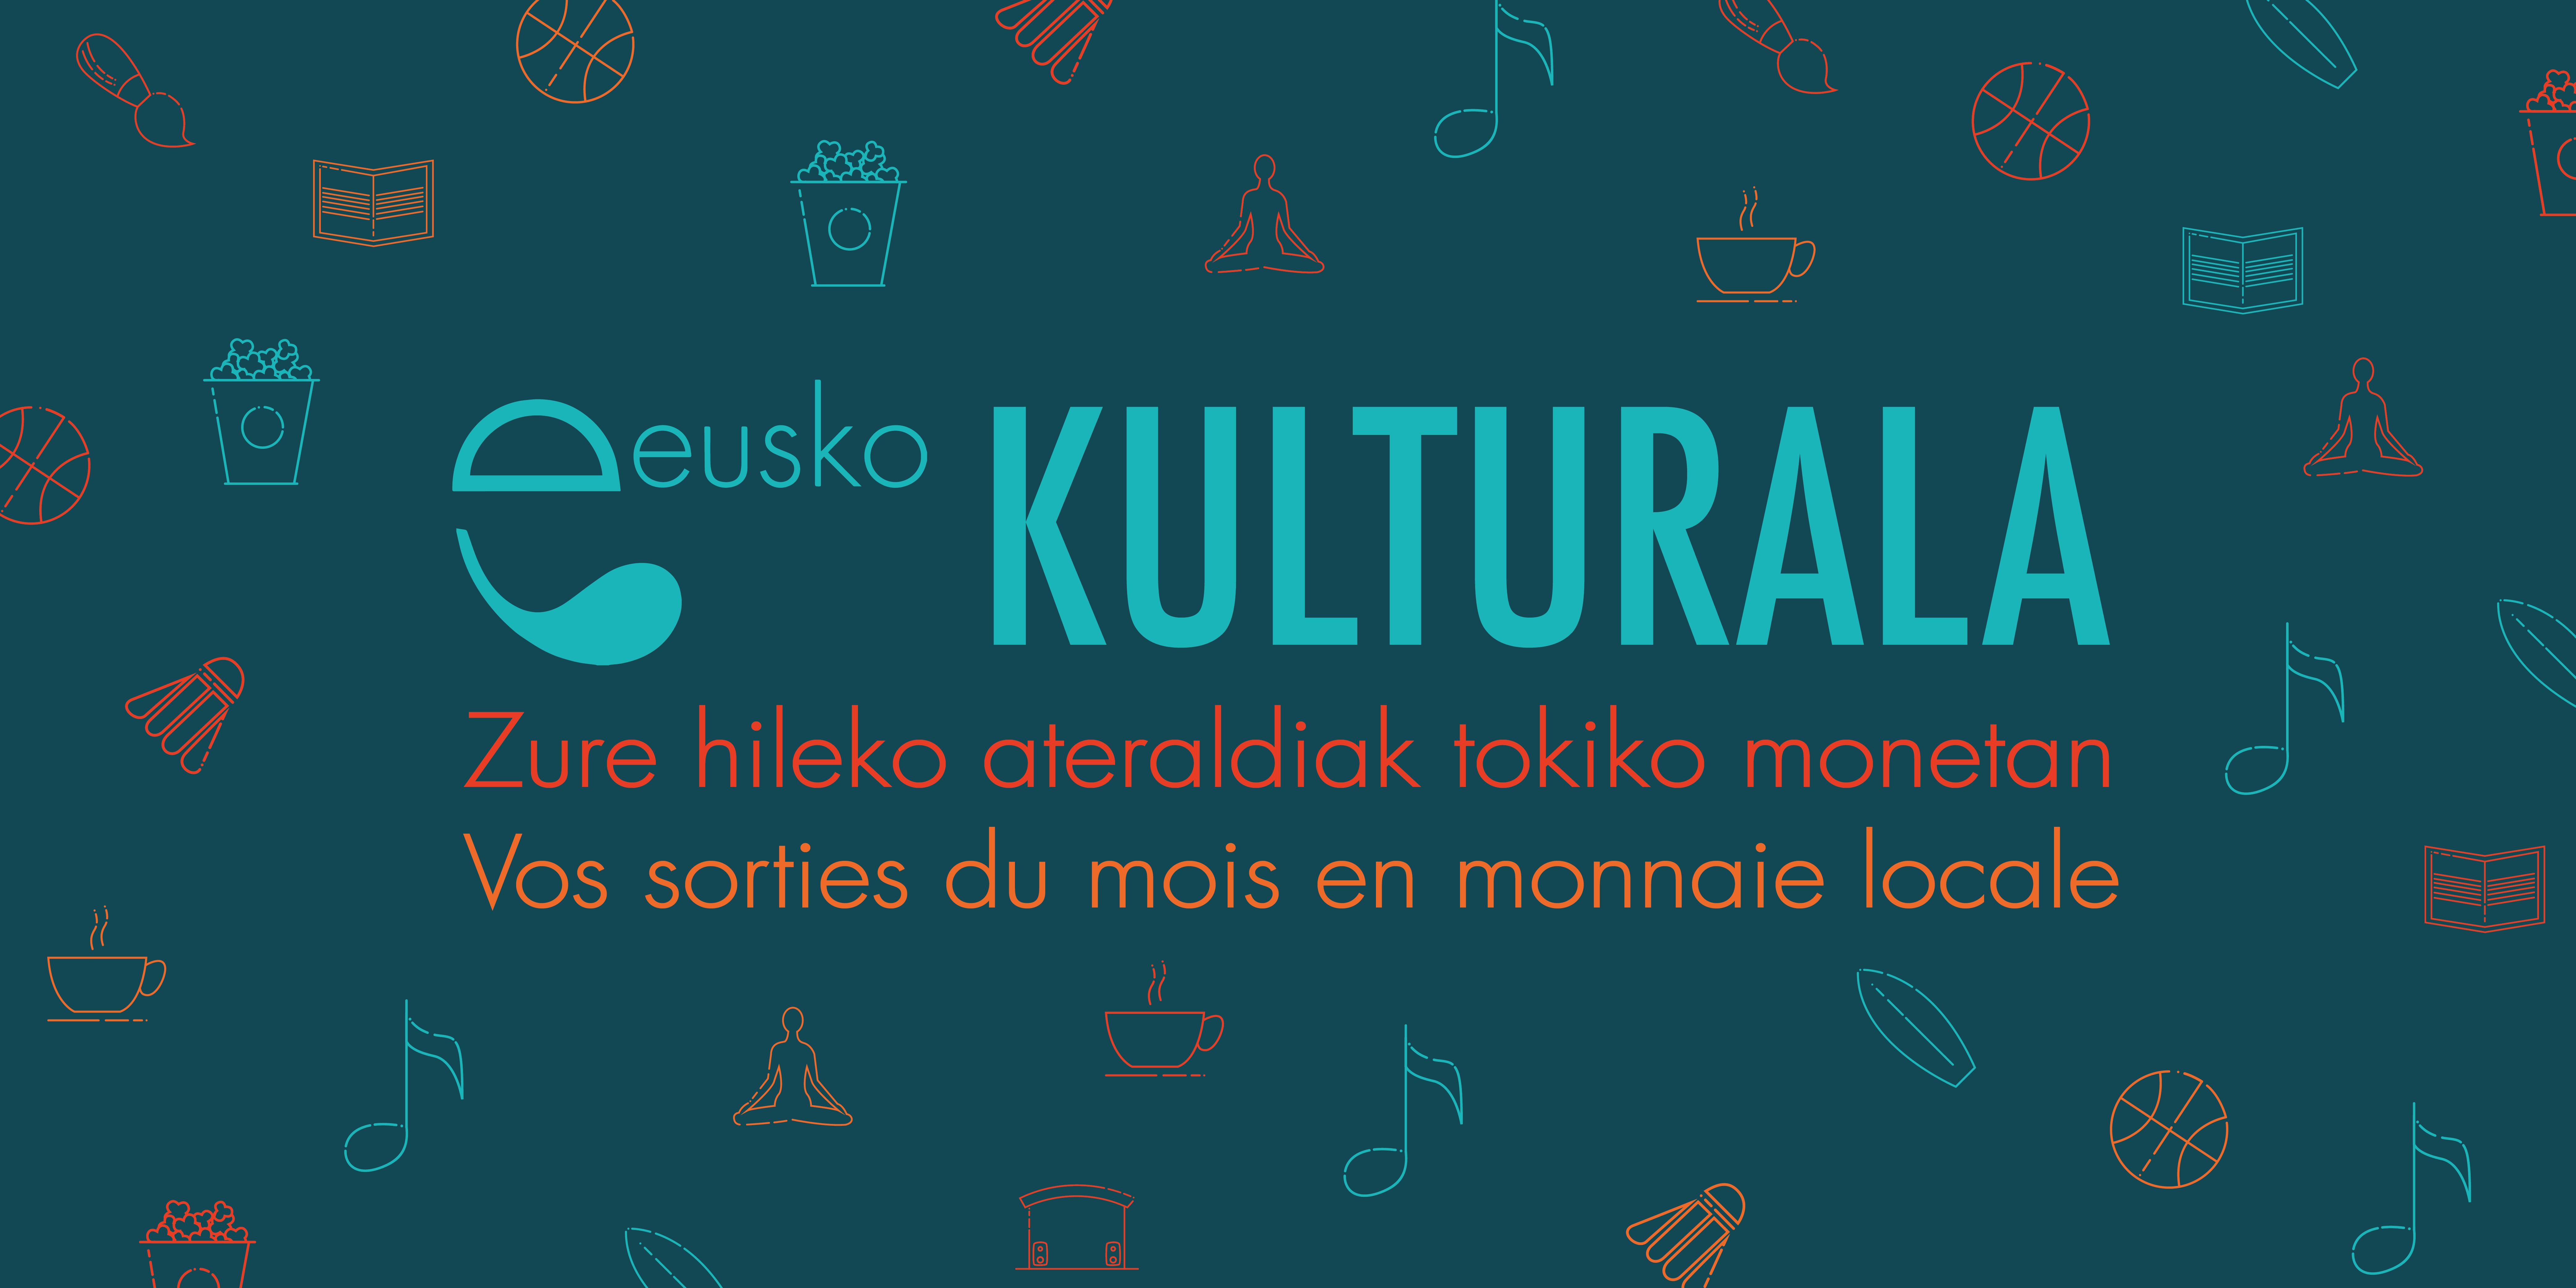 Eusko Kulturala : votre agenda des sorties en monnaie locale !